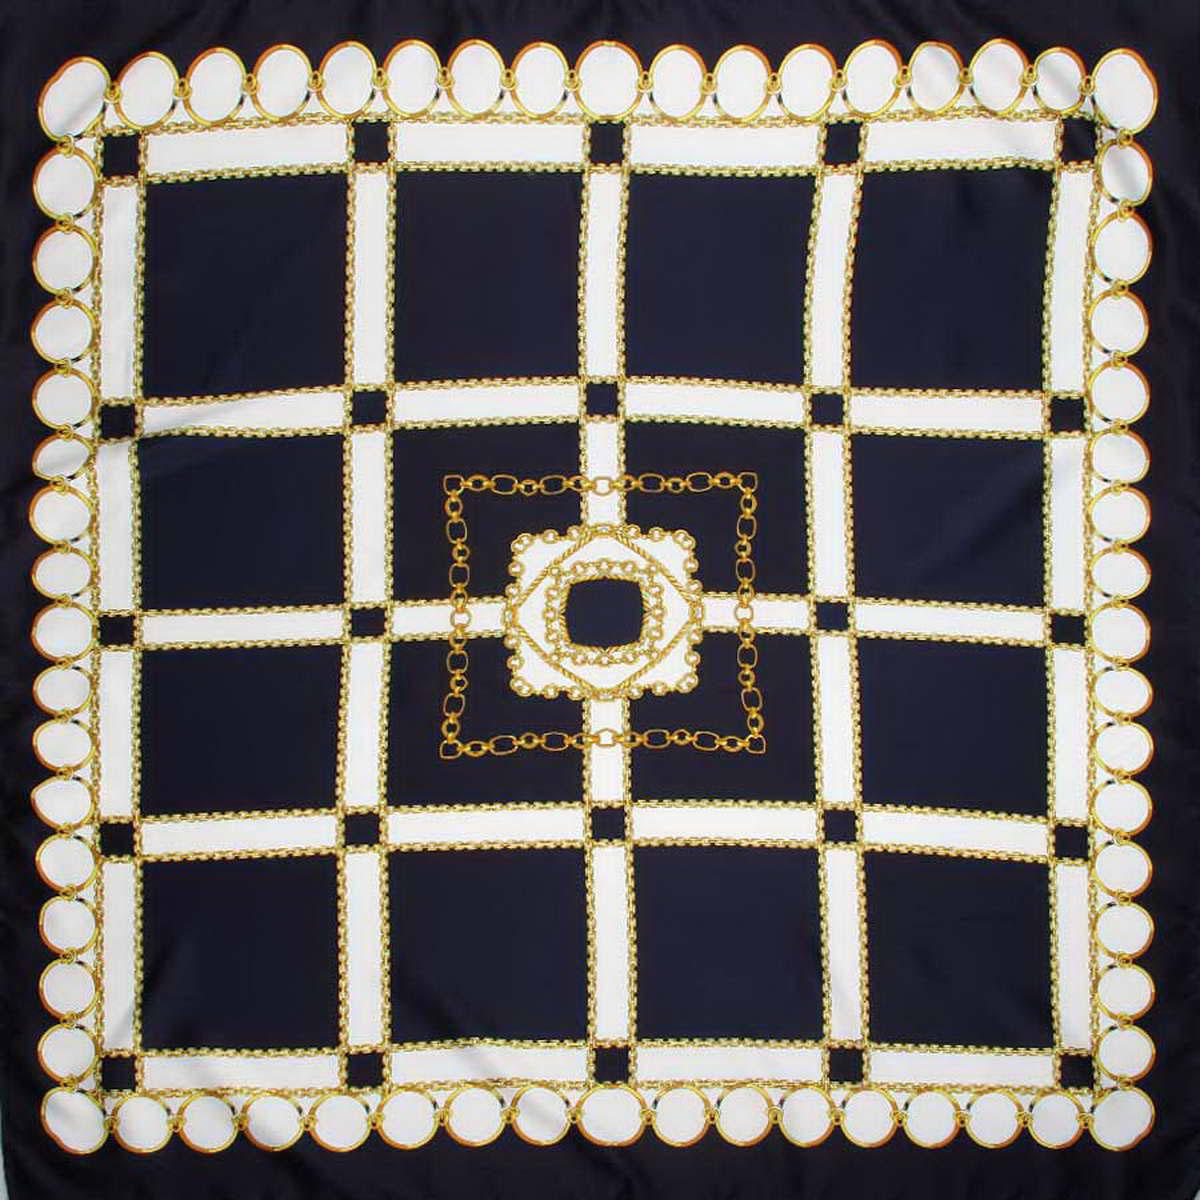 3914783-02Стильный женский платок Venera станет великолепным завершением любого наряда. Платок изготовлен из полиэстера и оформлен принтом в виде цепей и колец. Классическая квадратная форма позволяет носить платок на шее, украшать им прическу или декорировать сумочку. Легкий и приятный на ощупь платок поможет вам создать изысканный женственный образ. Такой платок превосходно дополнит любой наряд и подчеркнет ваш неповторимый вкус и элегантность.